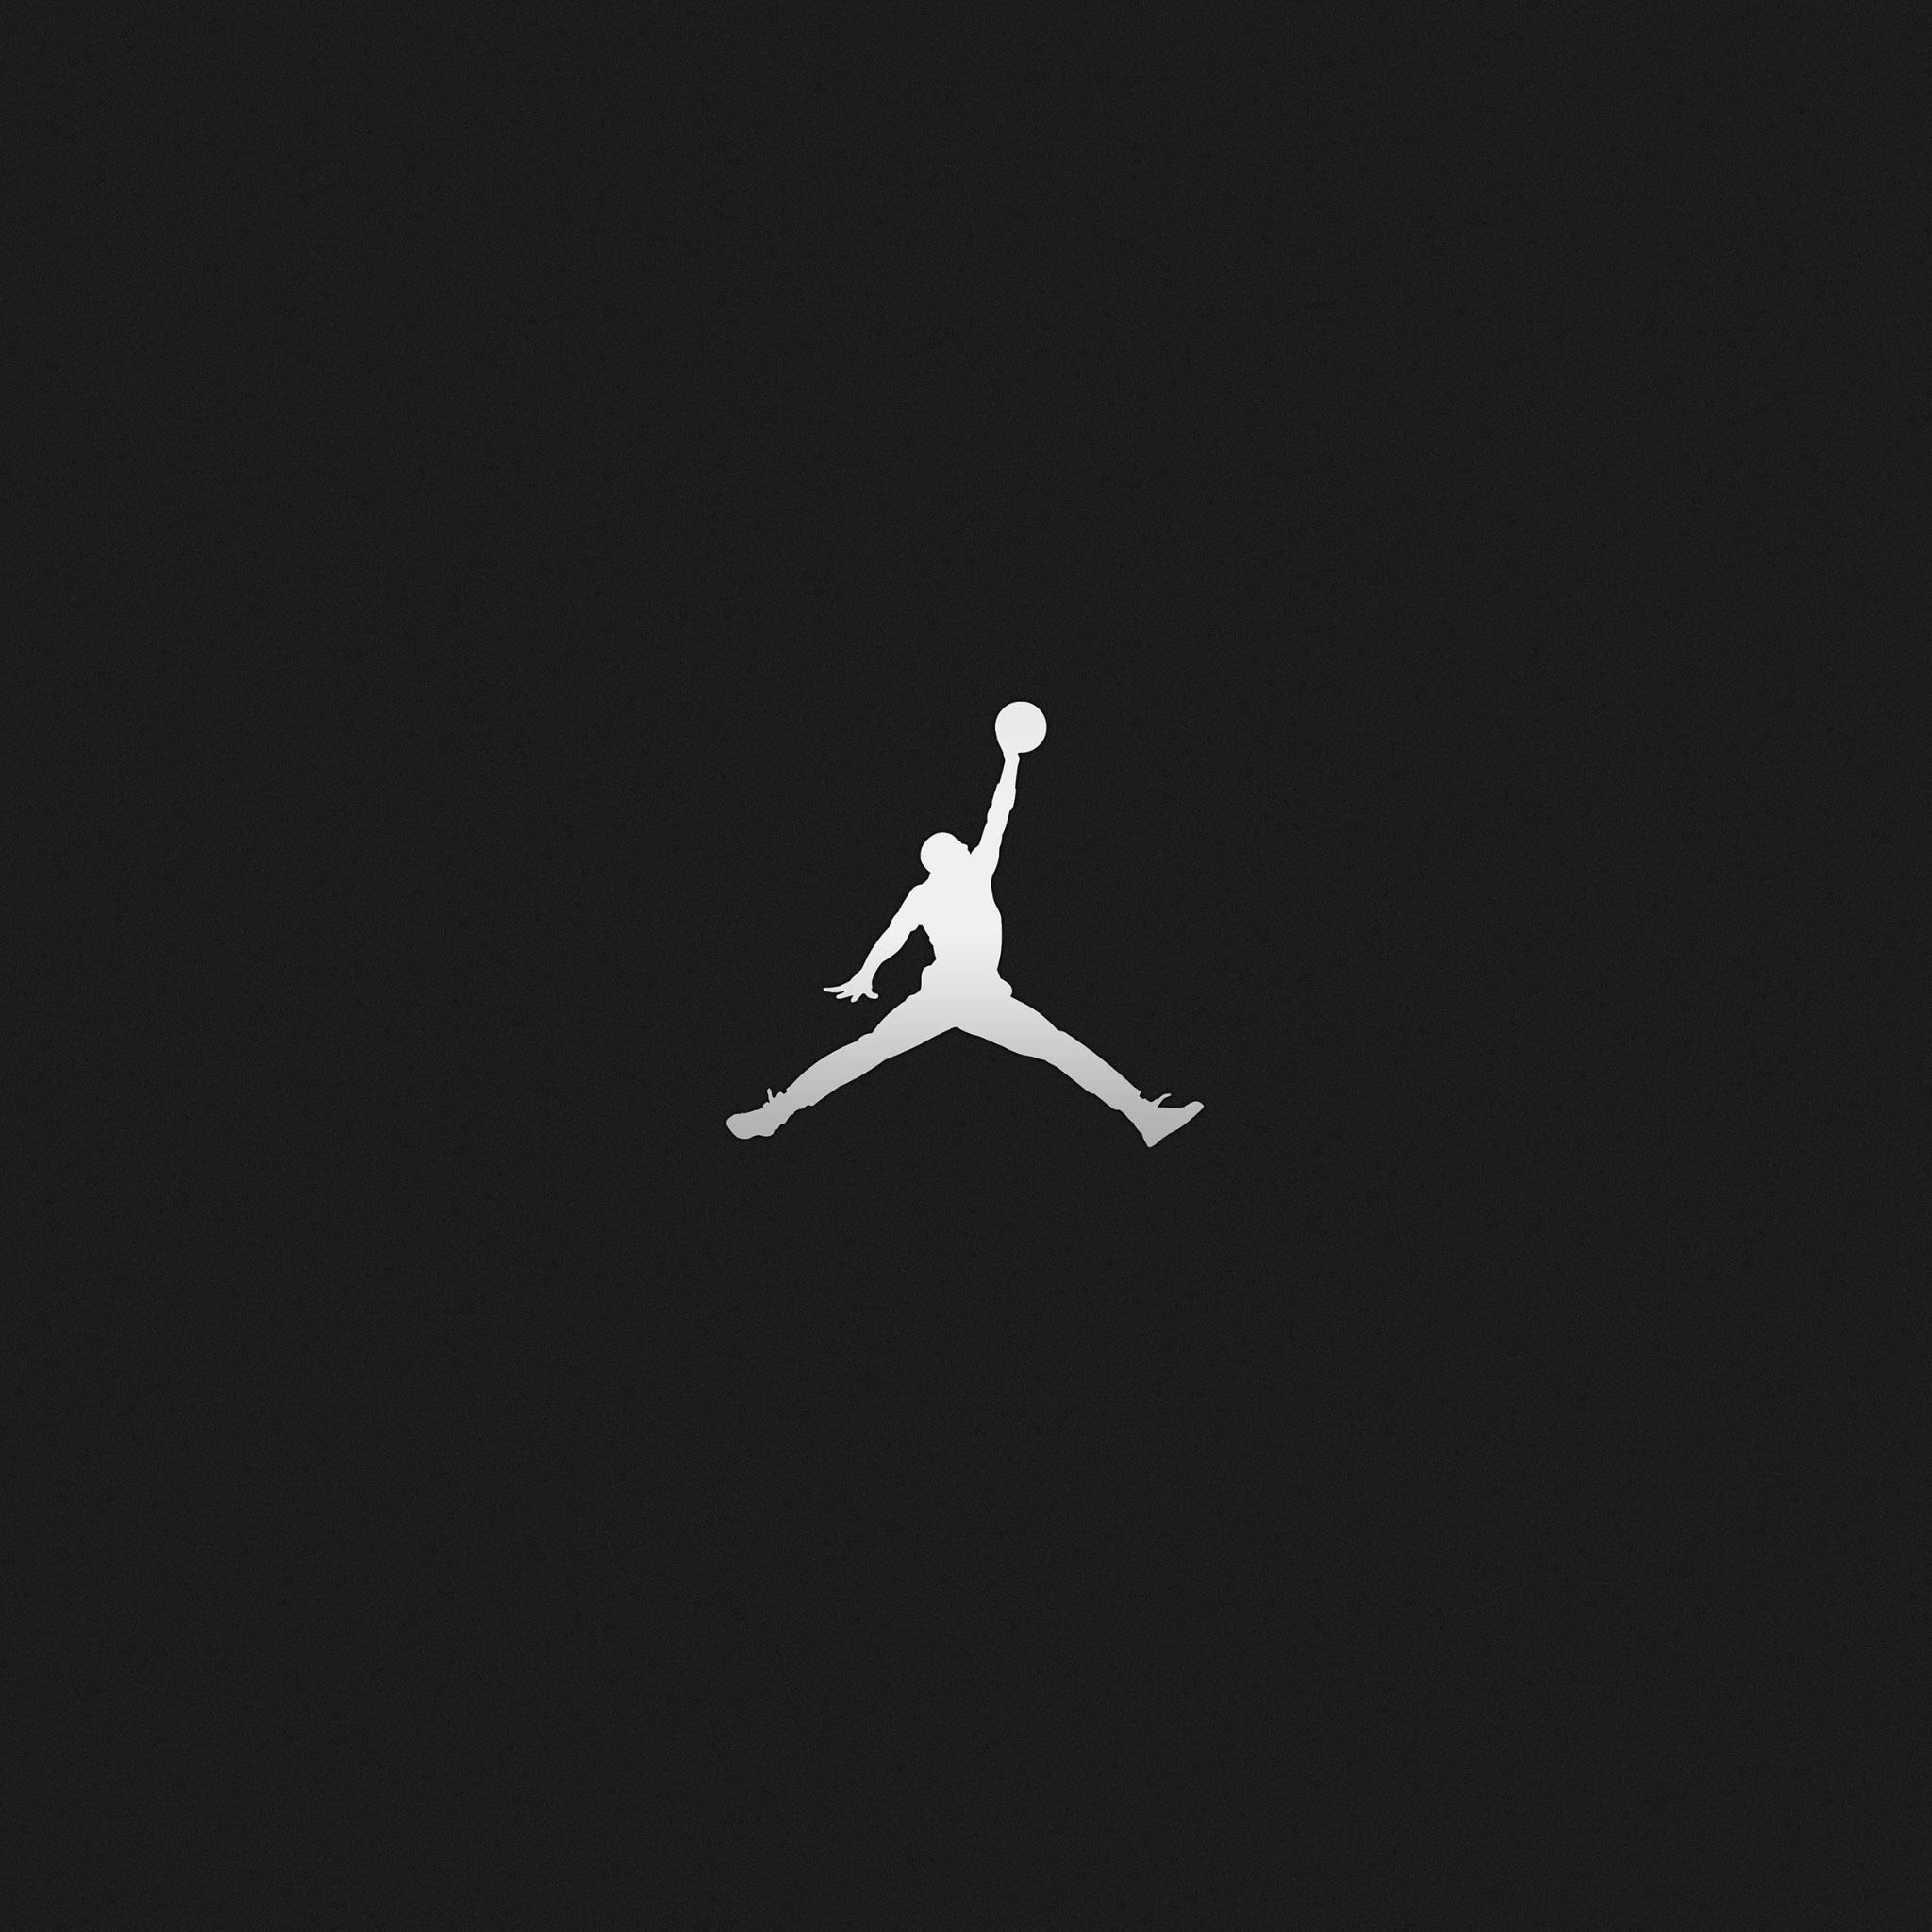 Displaying 15 Images For   Air Jordan 7 Wallpaper Hd 2048x2048